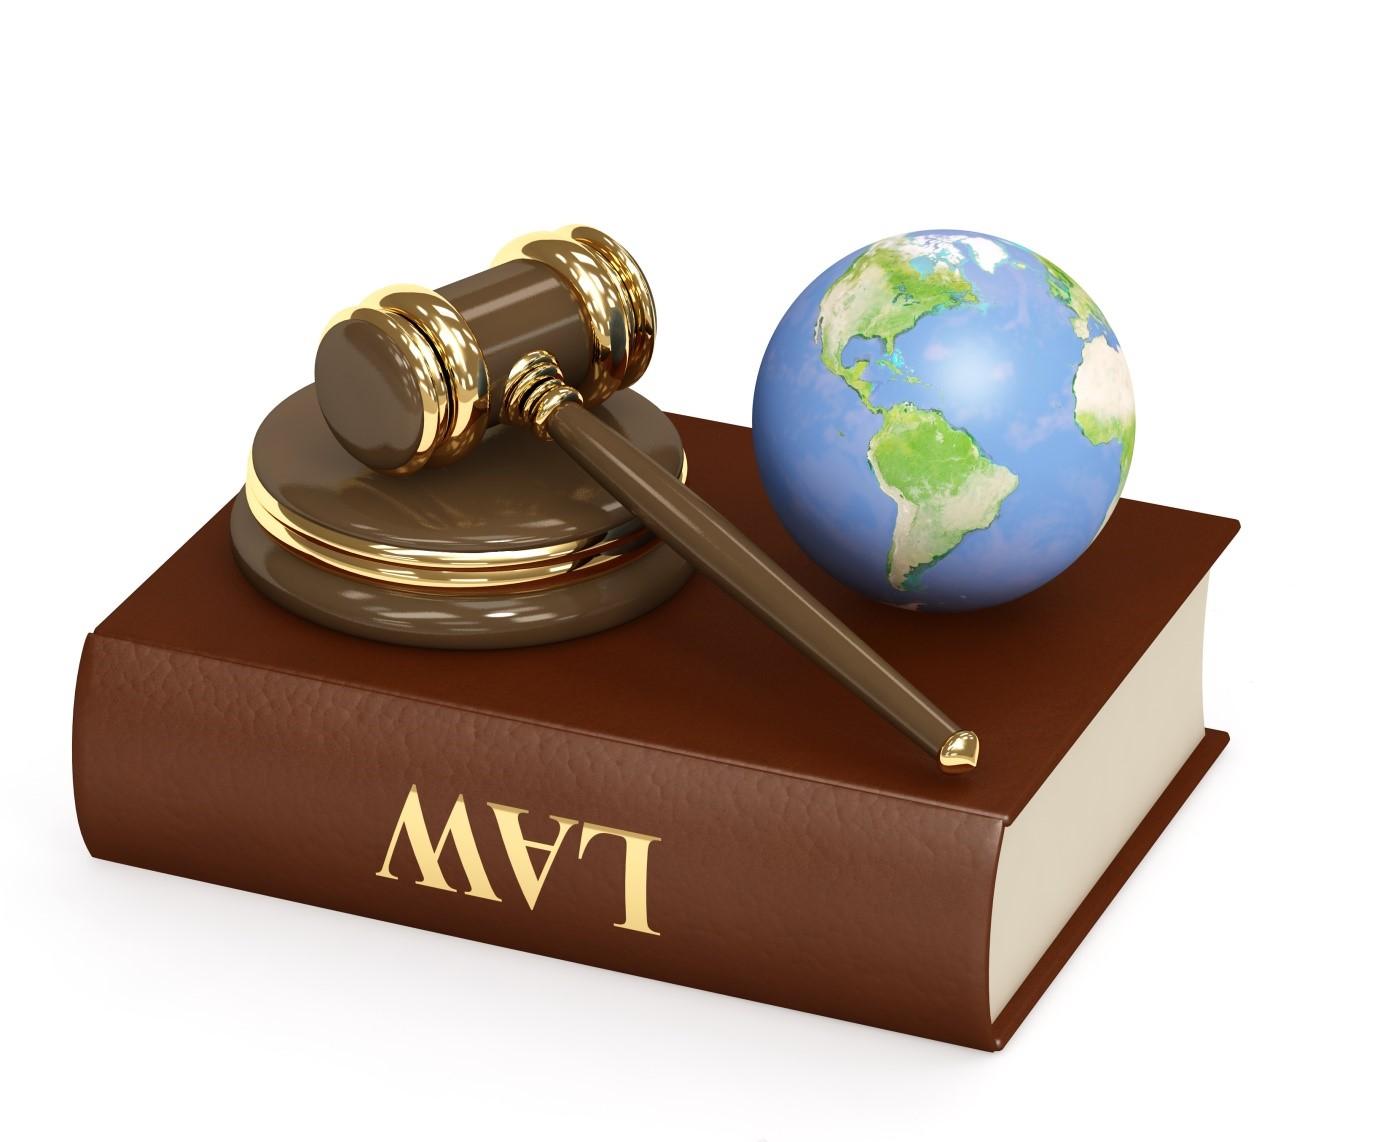 دفاع از حقوق متهم در مرحله اعاده دادرسی توسط وکیل کیفری چگونه صورت می گیرد؟